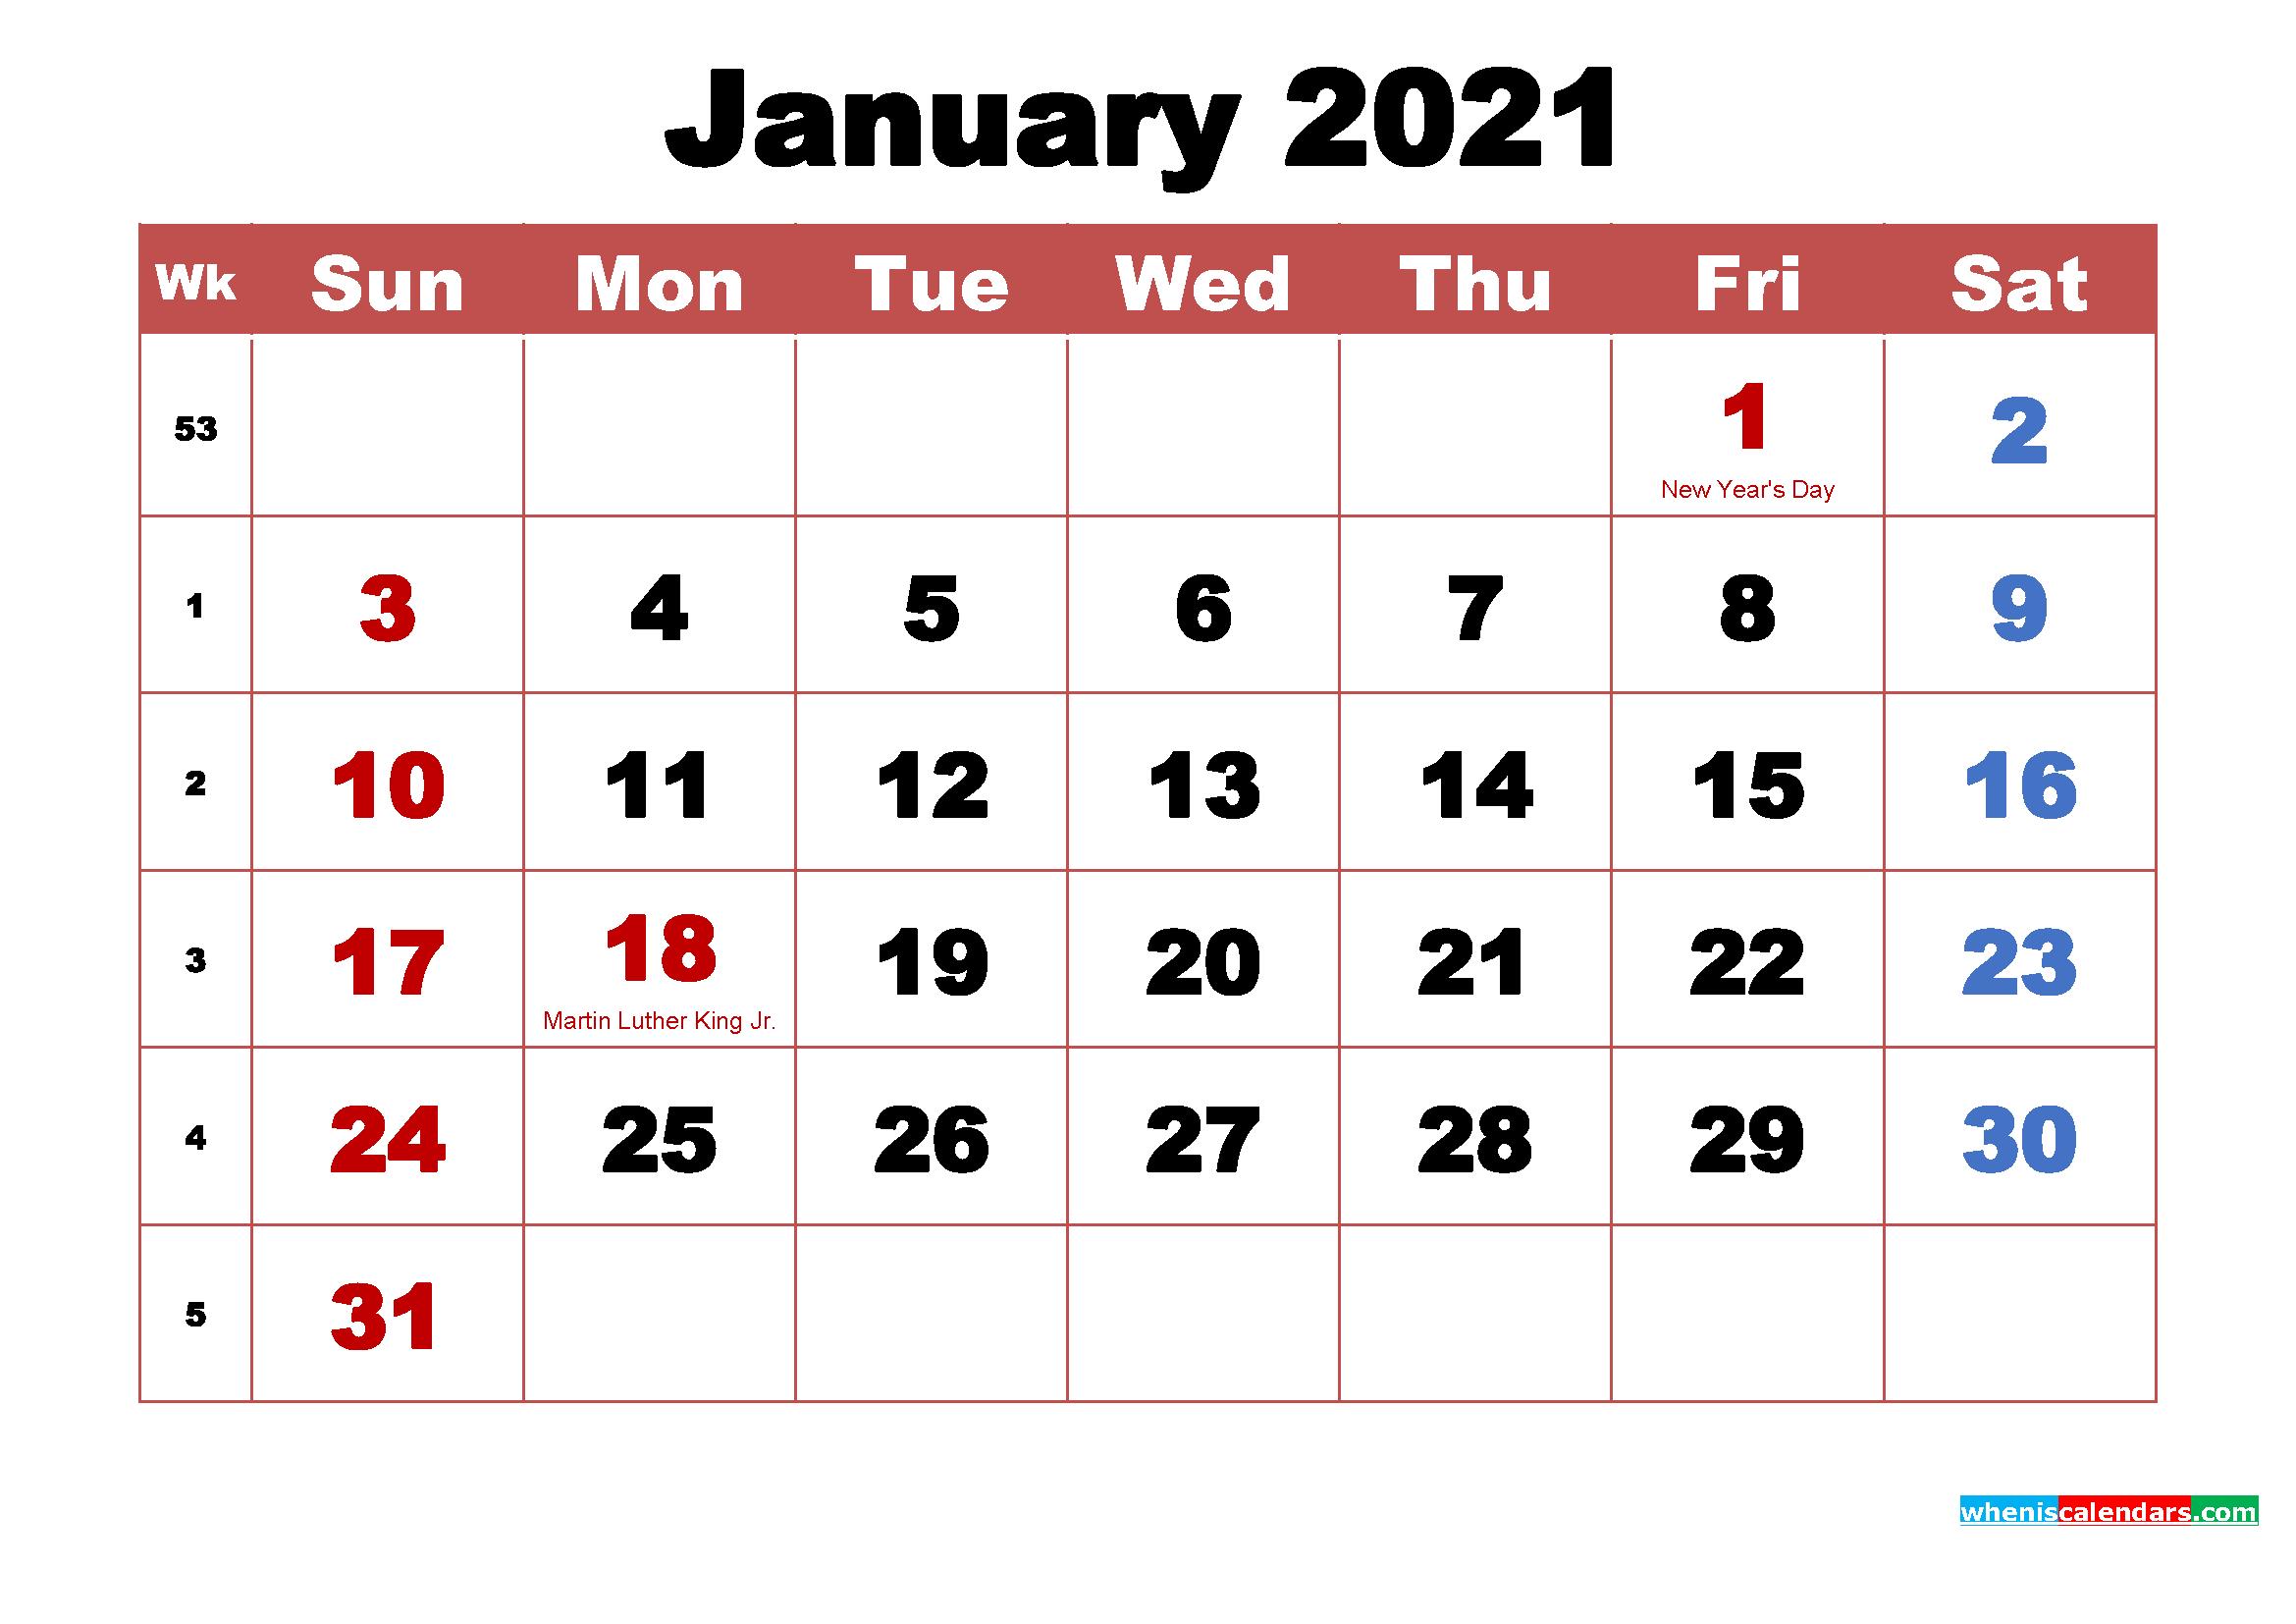 January 2021 Calendar Wallpapers   Top January 2021 Calendar 2339x1654